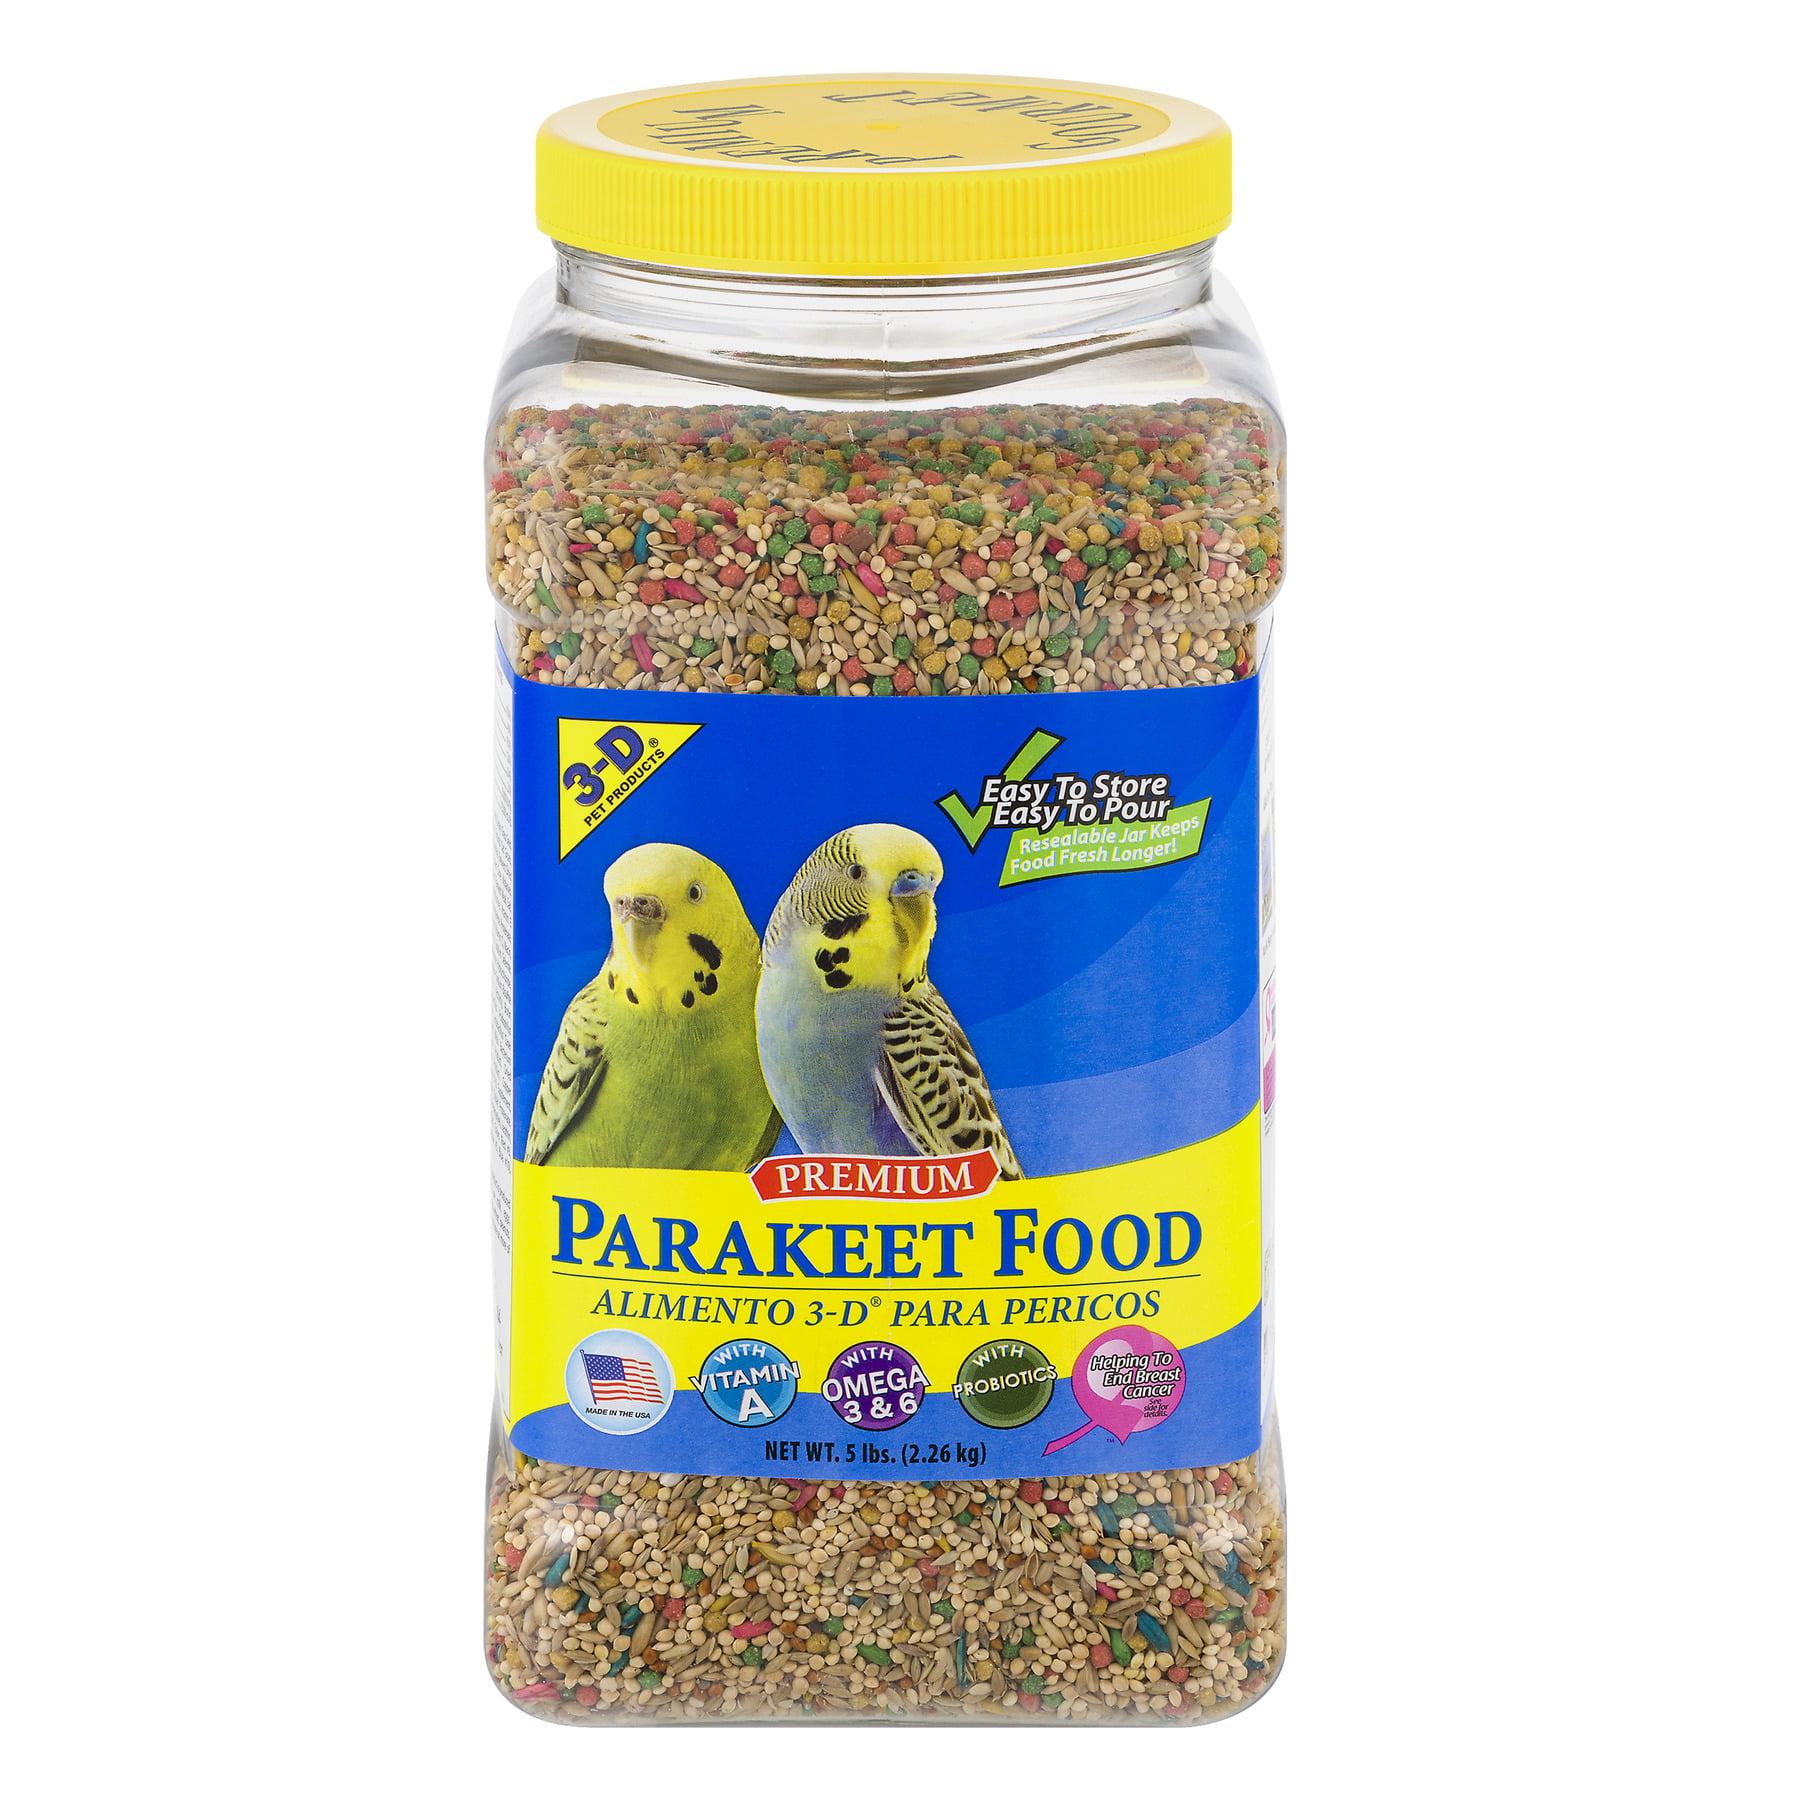 3-D Pet Products Premium Parakeet Food, 5.0 LB by D & D Commodities Ltd.